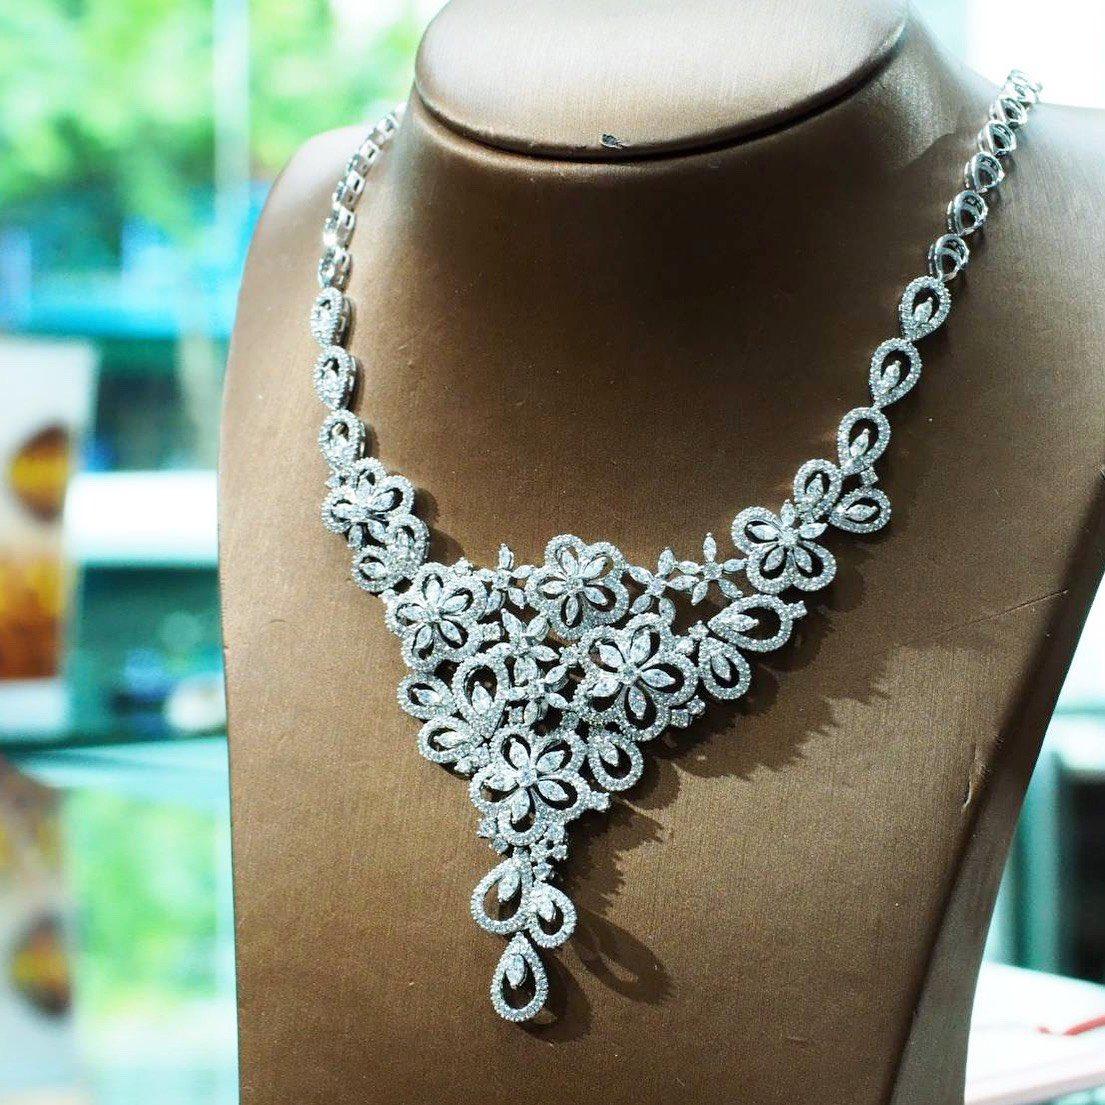 Diamond necklaces . #diamonds #diamondnecklaces #jewelry set #weddingnecklaces #luxuryjewelry#highjewelry #finejewelry #Petchchompoojewelry#เพชรชมพูจิวเวลรี่#fashionjewelry #weddingring  #weddingband #chanellover #hermeslover #lvlover #hermesthailand #chanelthailand #lvthailandpic.twitter.com/Vxdj3EaZqR